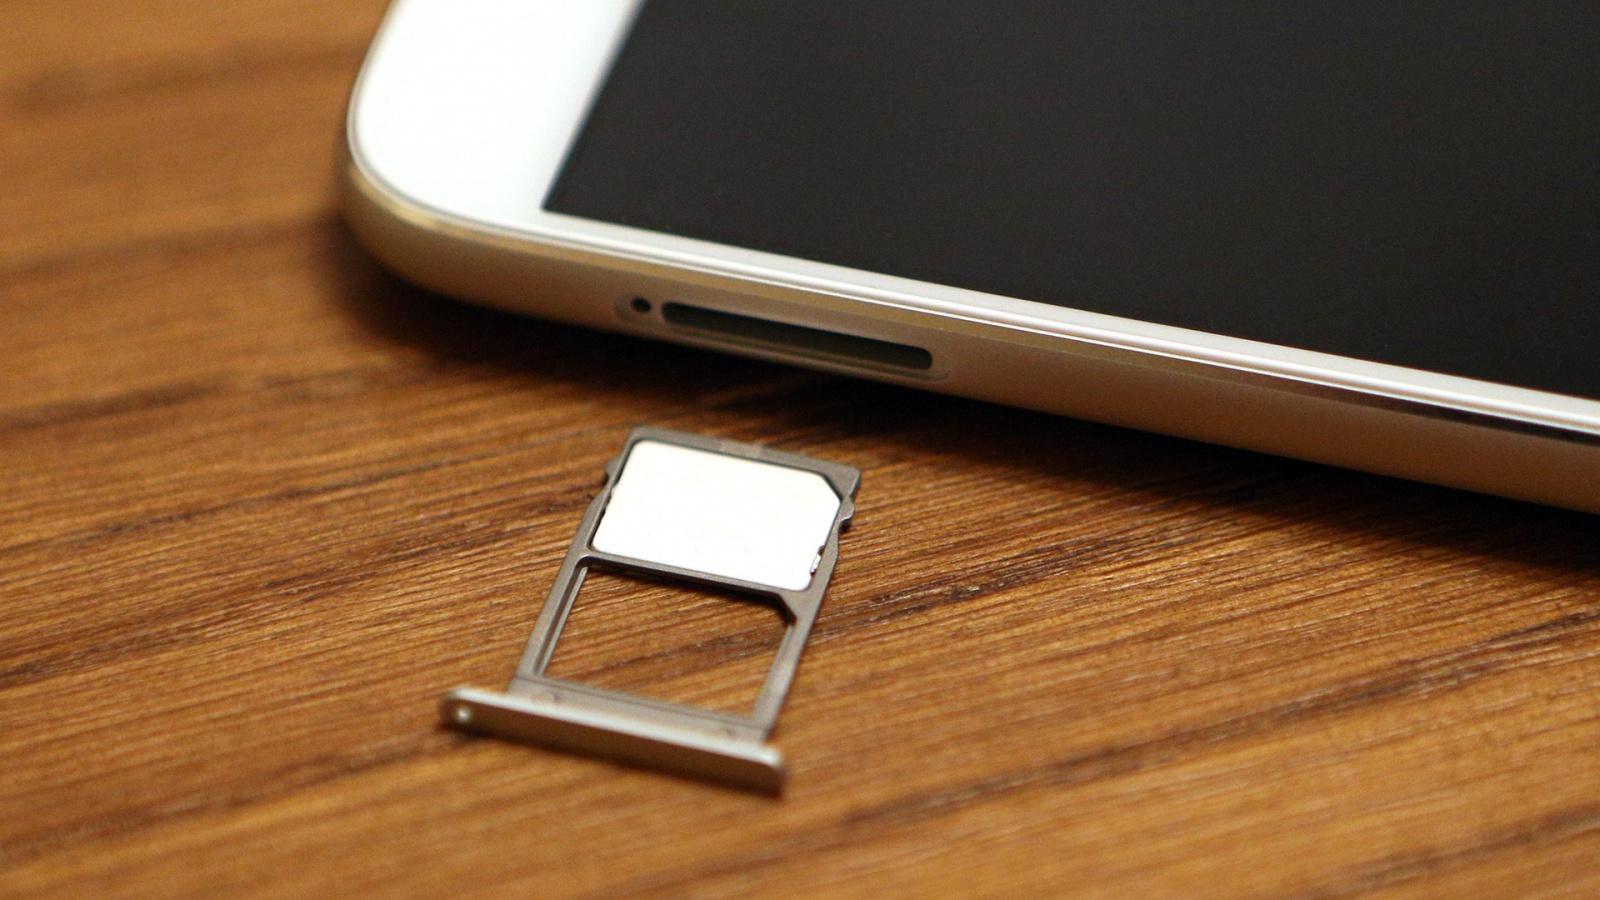 Обзор смартфона ZUK Z1: мощность и автономность по доступной цене - 3